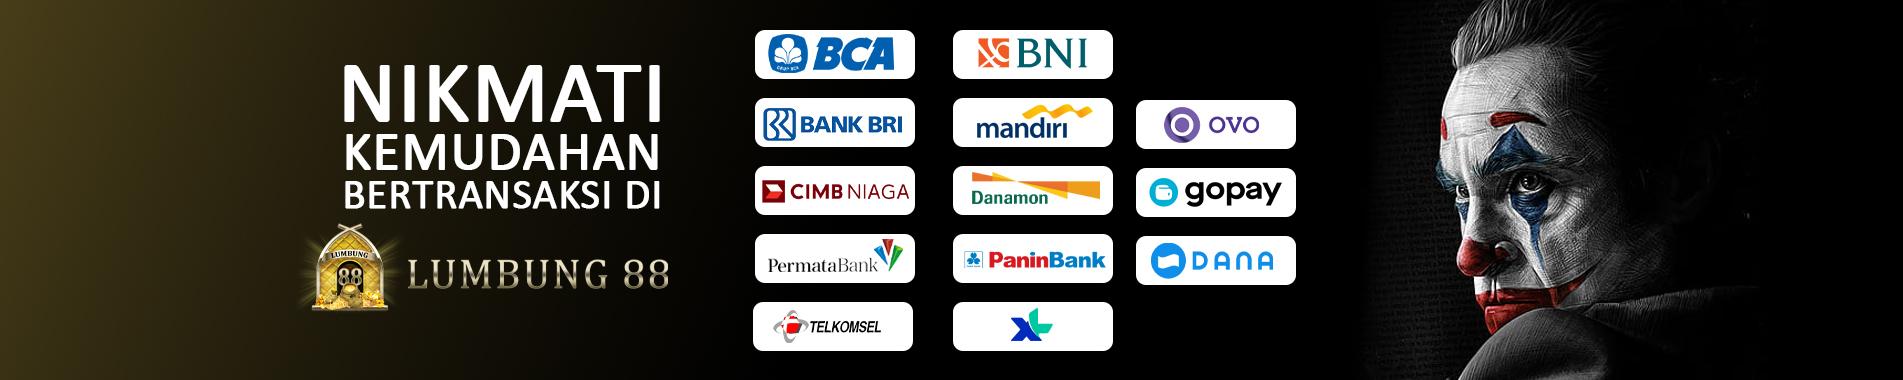 BANK DAN EMONEY